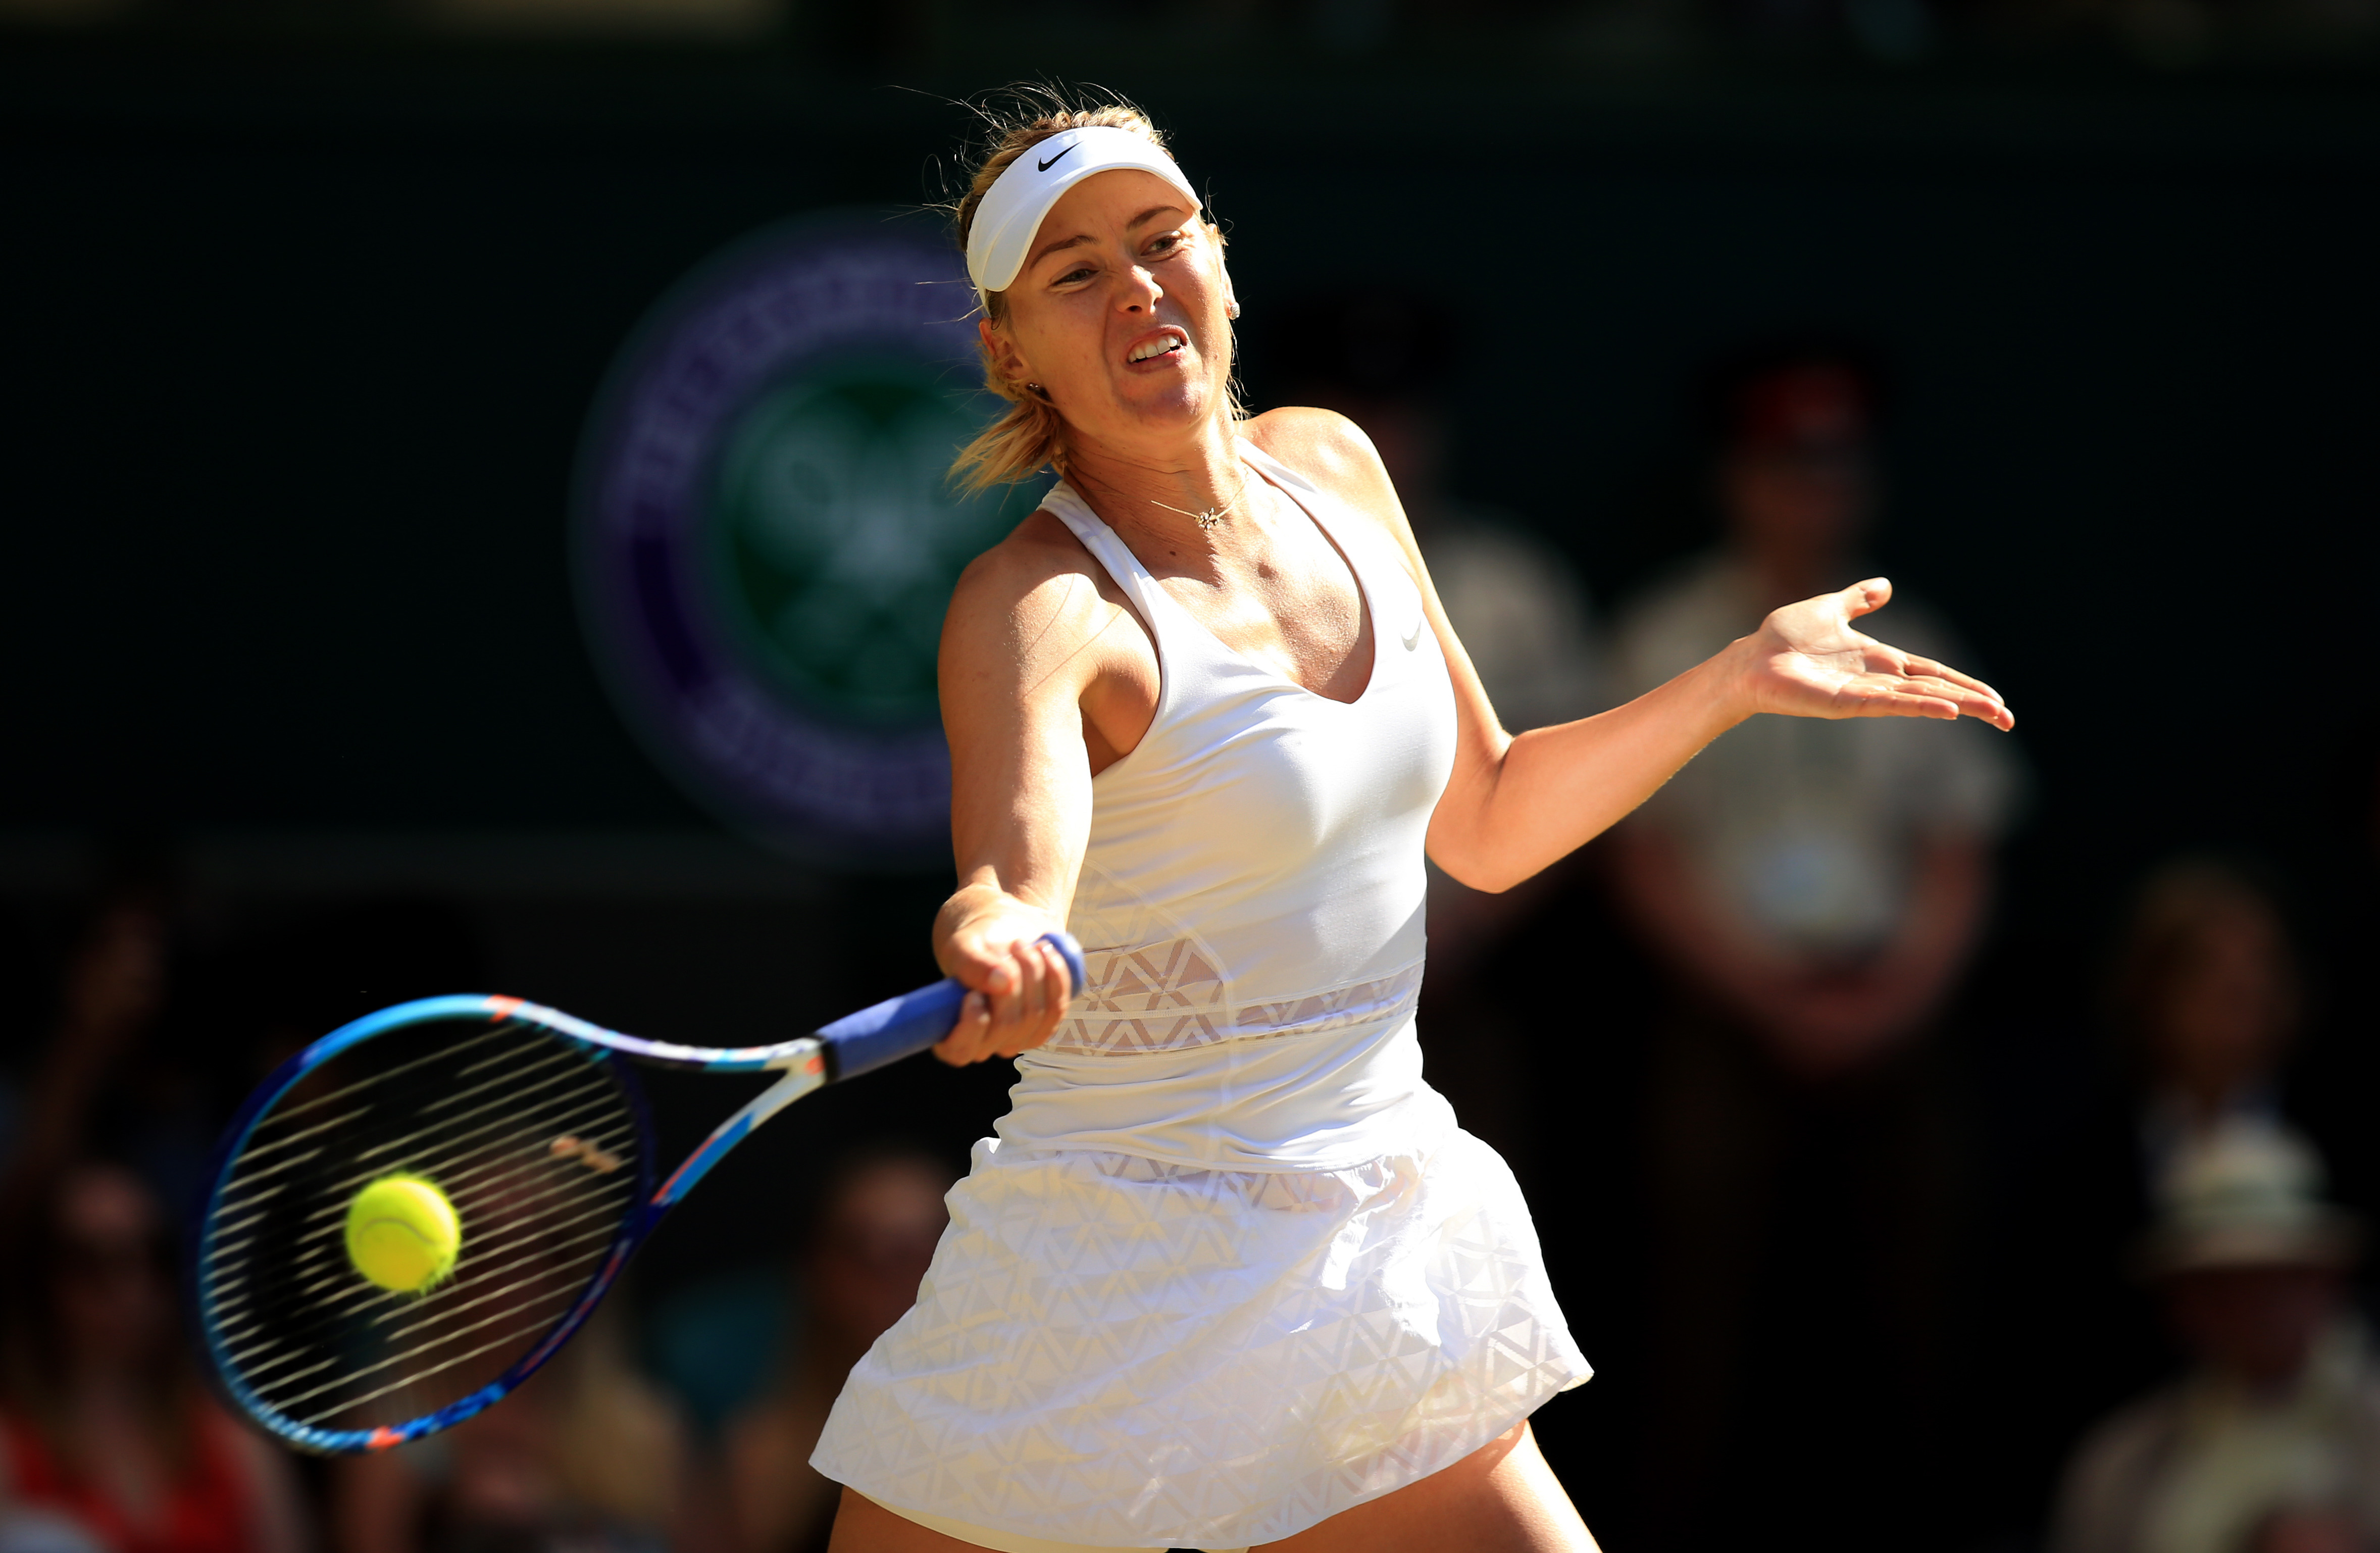 Maria Sharapova will miss the Olympics in Rio 08.06.2016 11